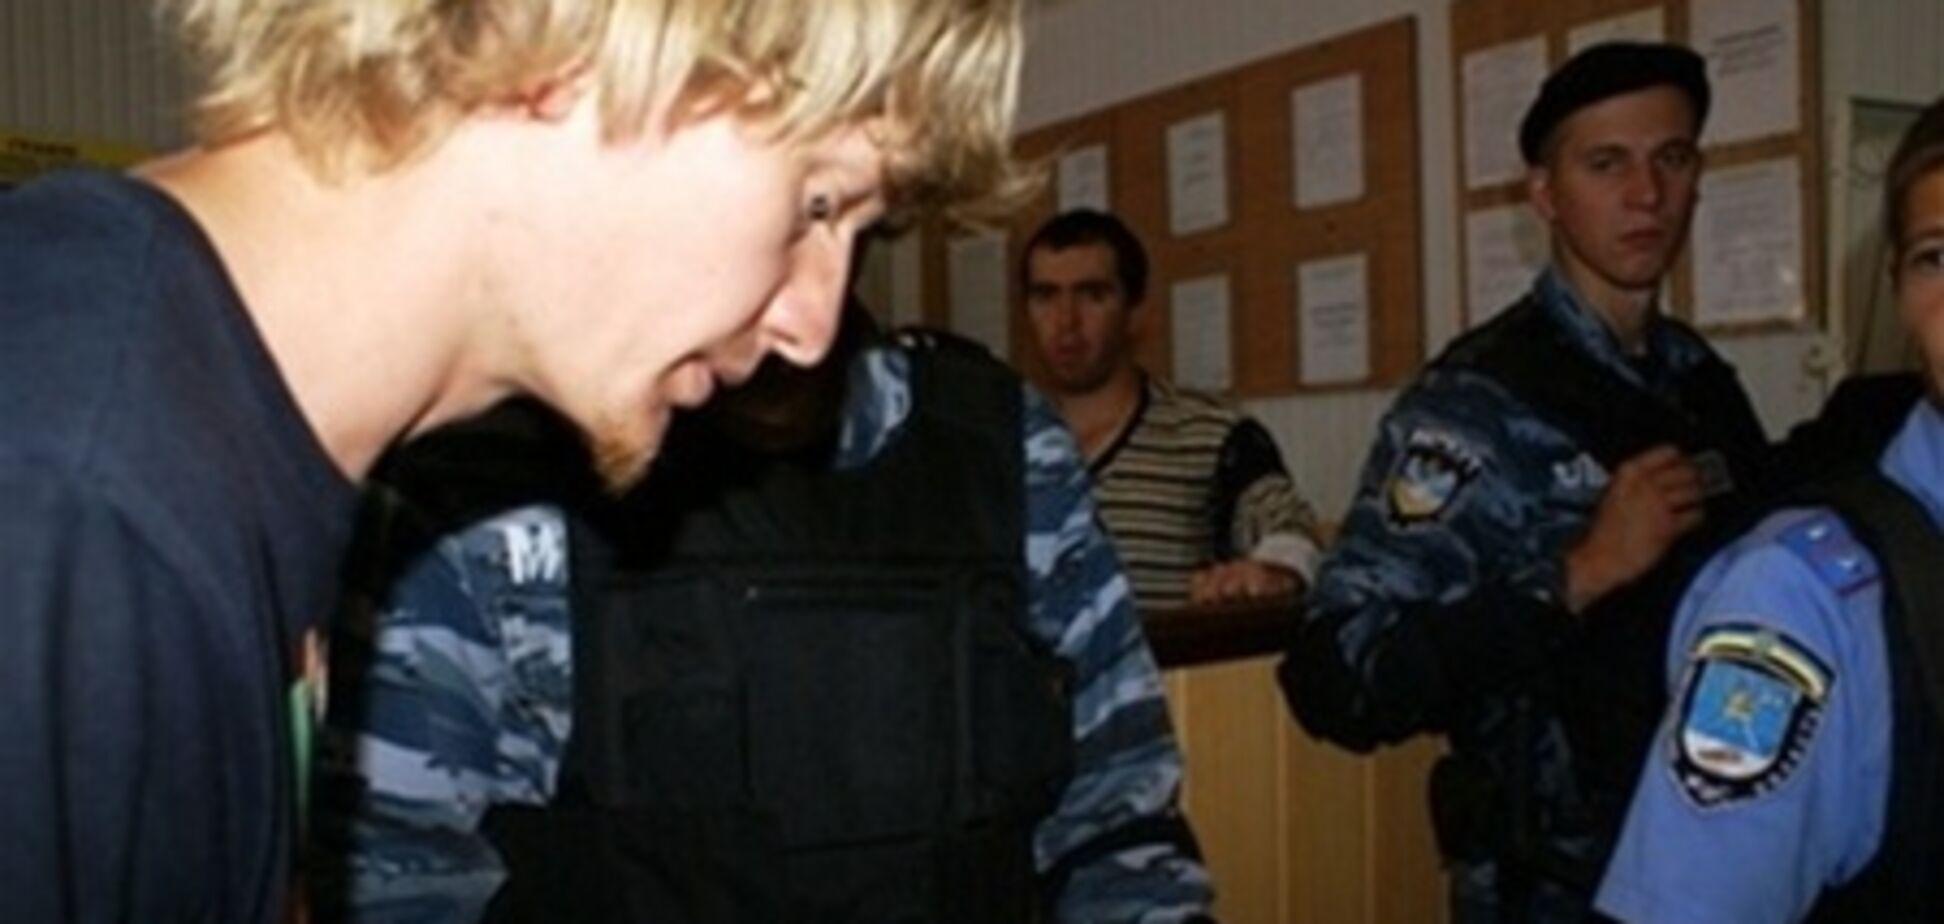 Міліція розслідує перешкоджання журналістам у Врадіївці